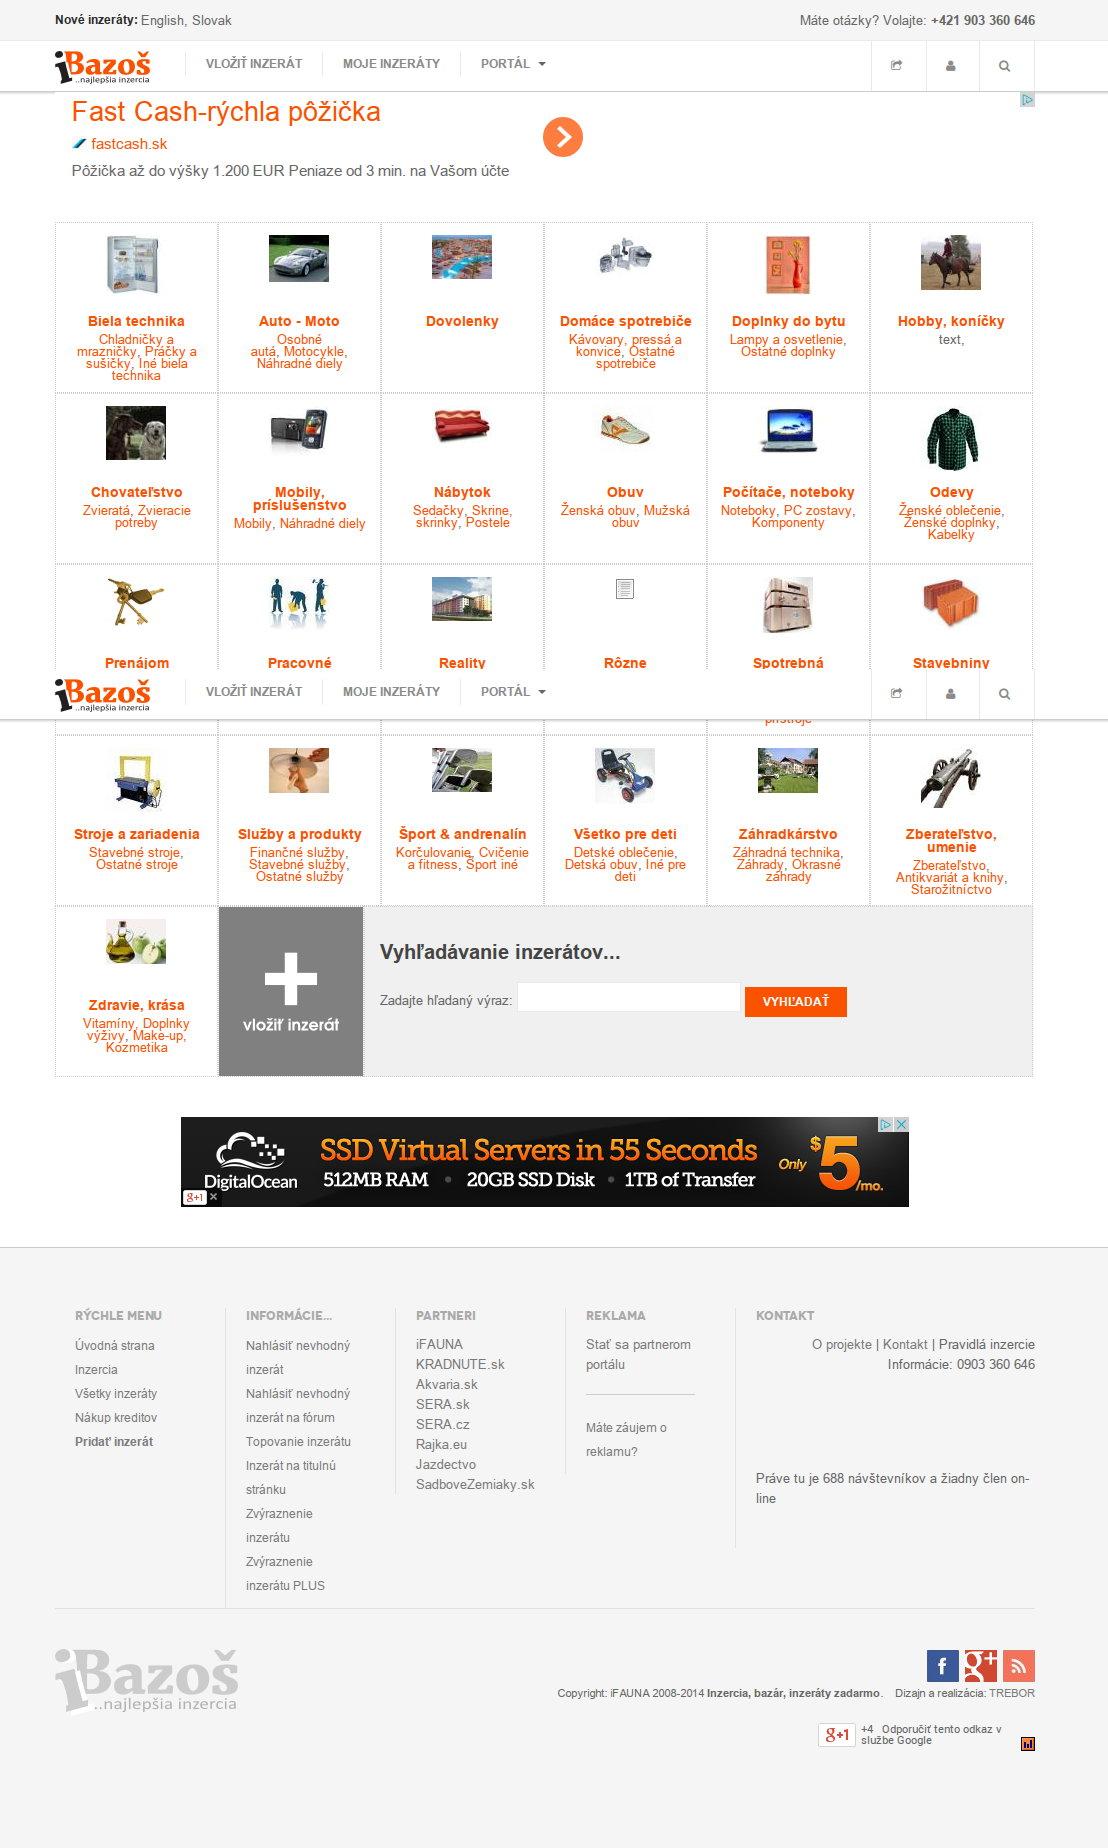 Uvedenie do prevádzky inzertný portál www.ibazos.sk. Na portály je použitý  publikačný systém Joomla 2.5.17. aktuálnej verzie a upravená komponenta pre  ... 8c190e1ee2f